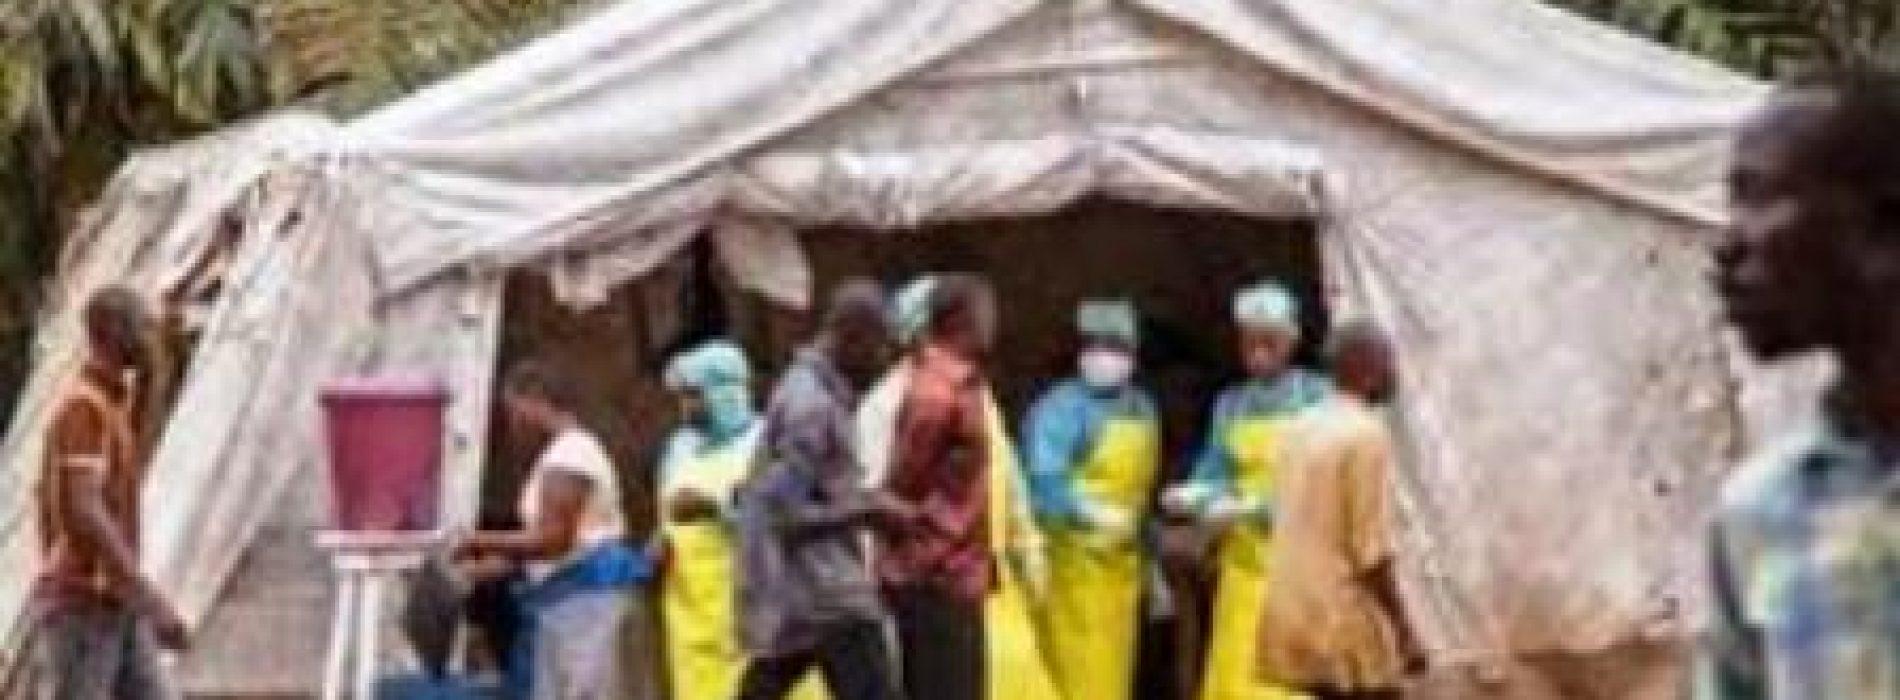 WHO congratulates Congo DRC as Ebola outbreak ends